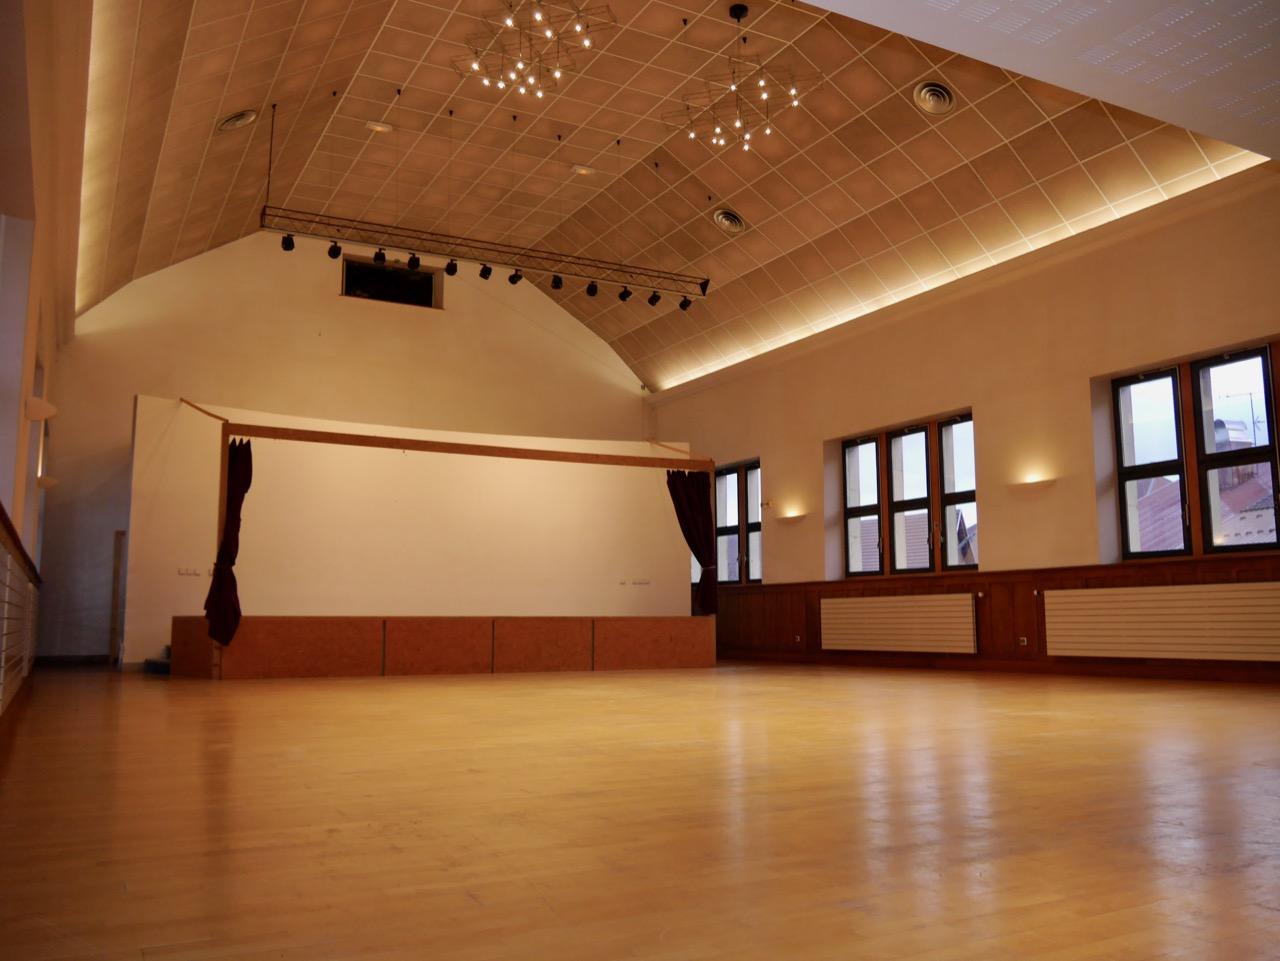 Salle des fêtes - Grande salle